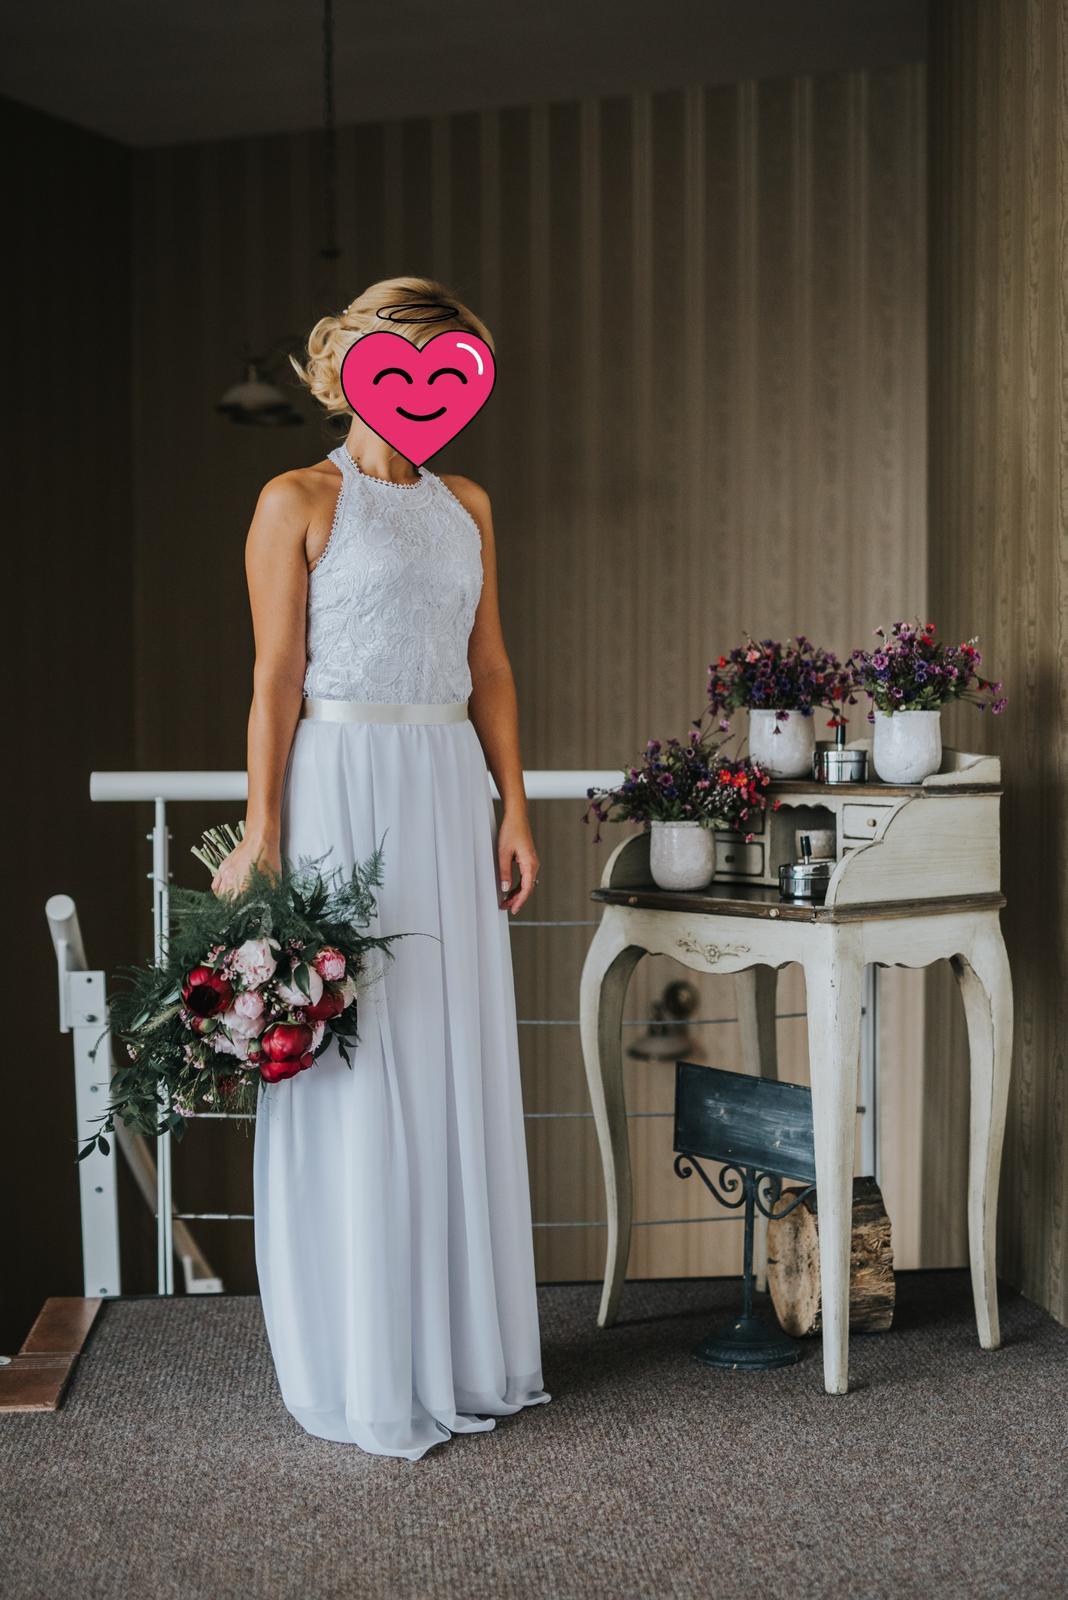 Muselinove svadobne saty s cipkovym topom - Obrázok č. 2